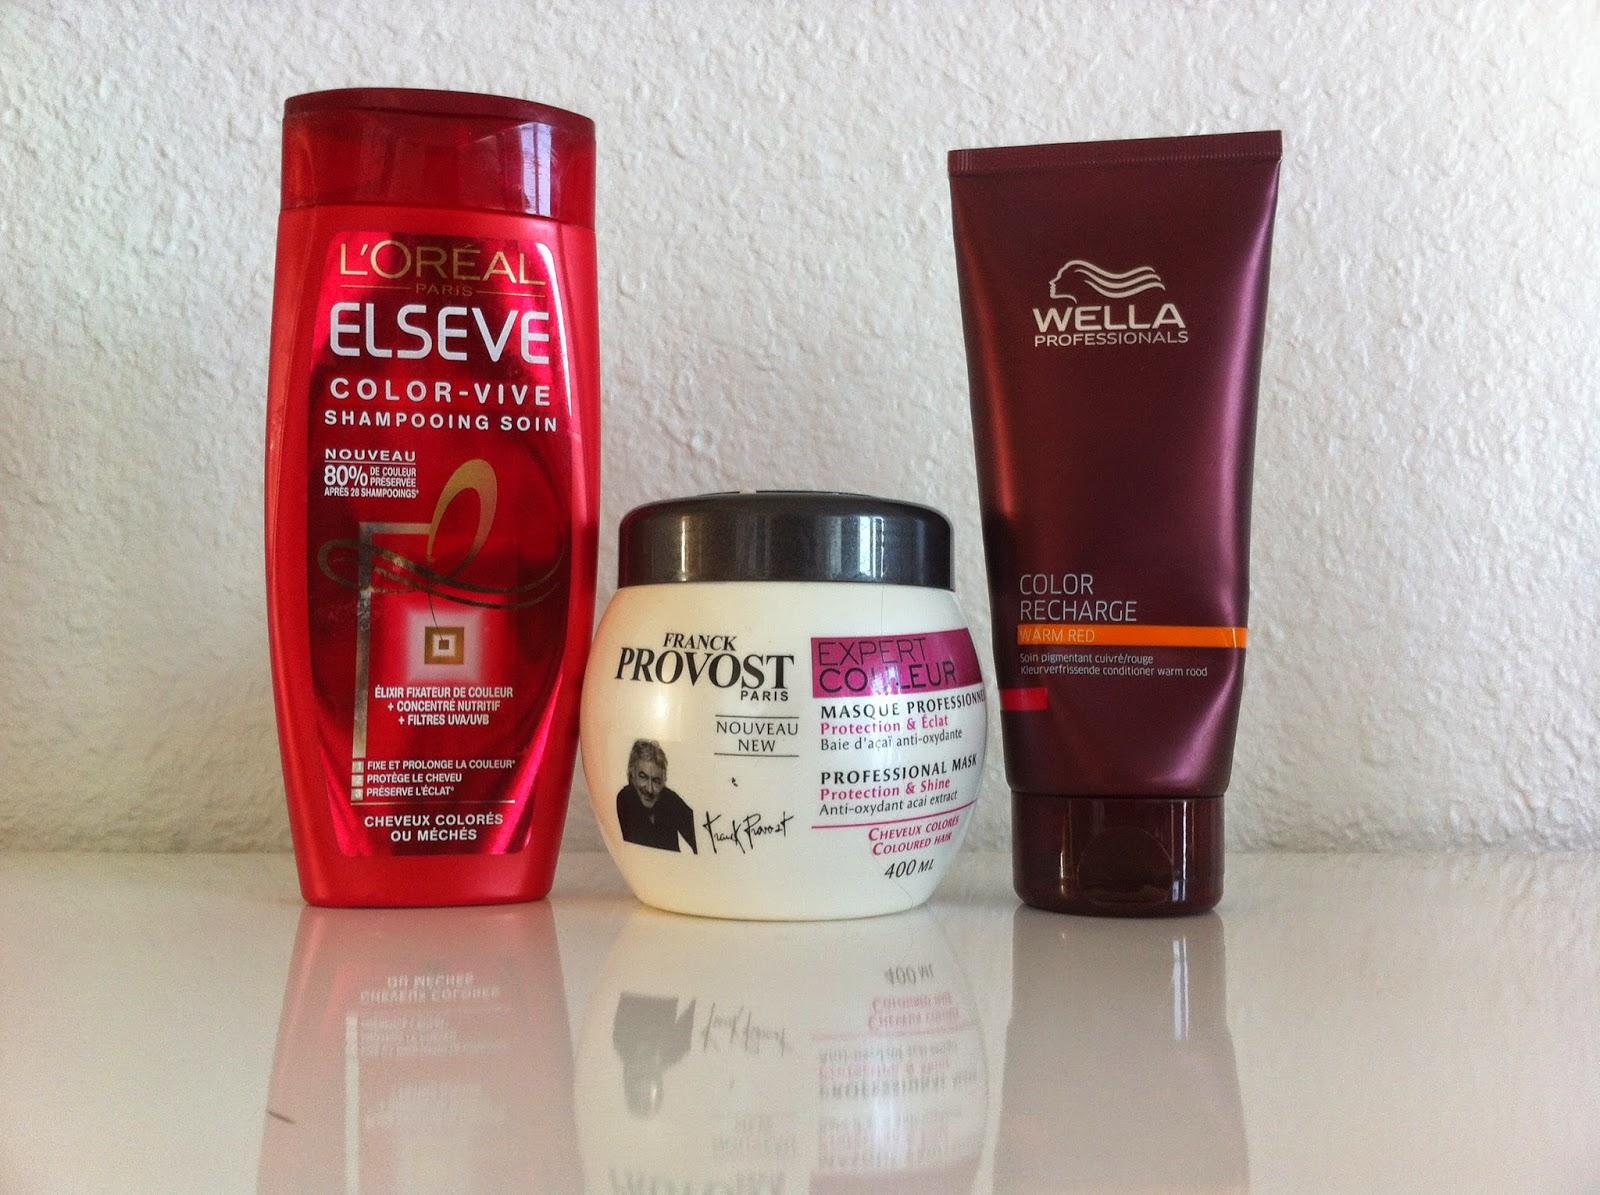 jutilise en ce moment un shampoing de la marque loral elsve qui vise entretenir la couleur la faire tenir plus longtemps - Meilleur Shampoing Cheveux Colors